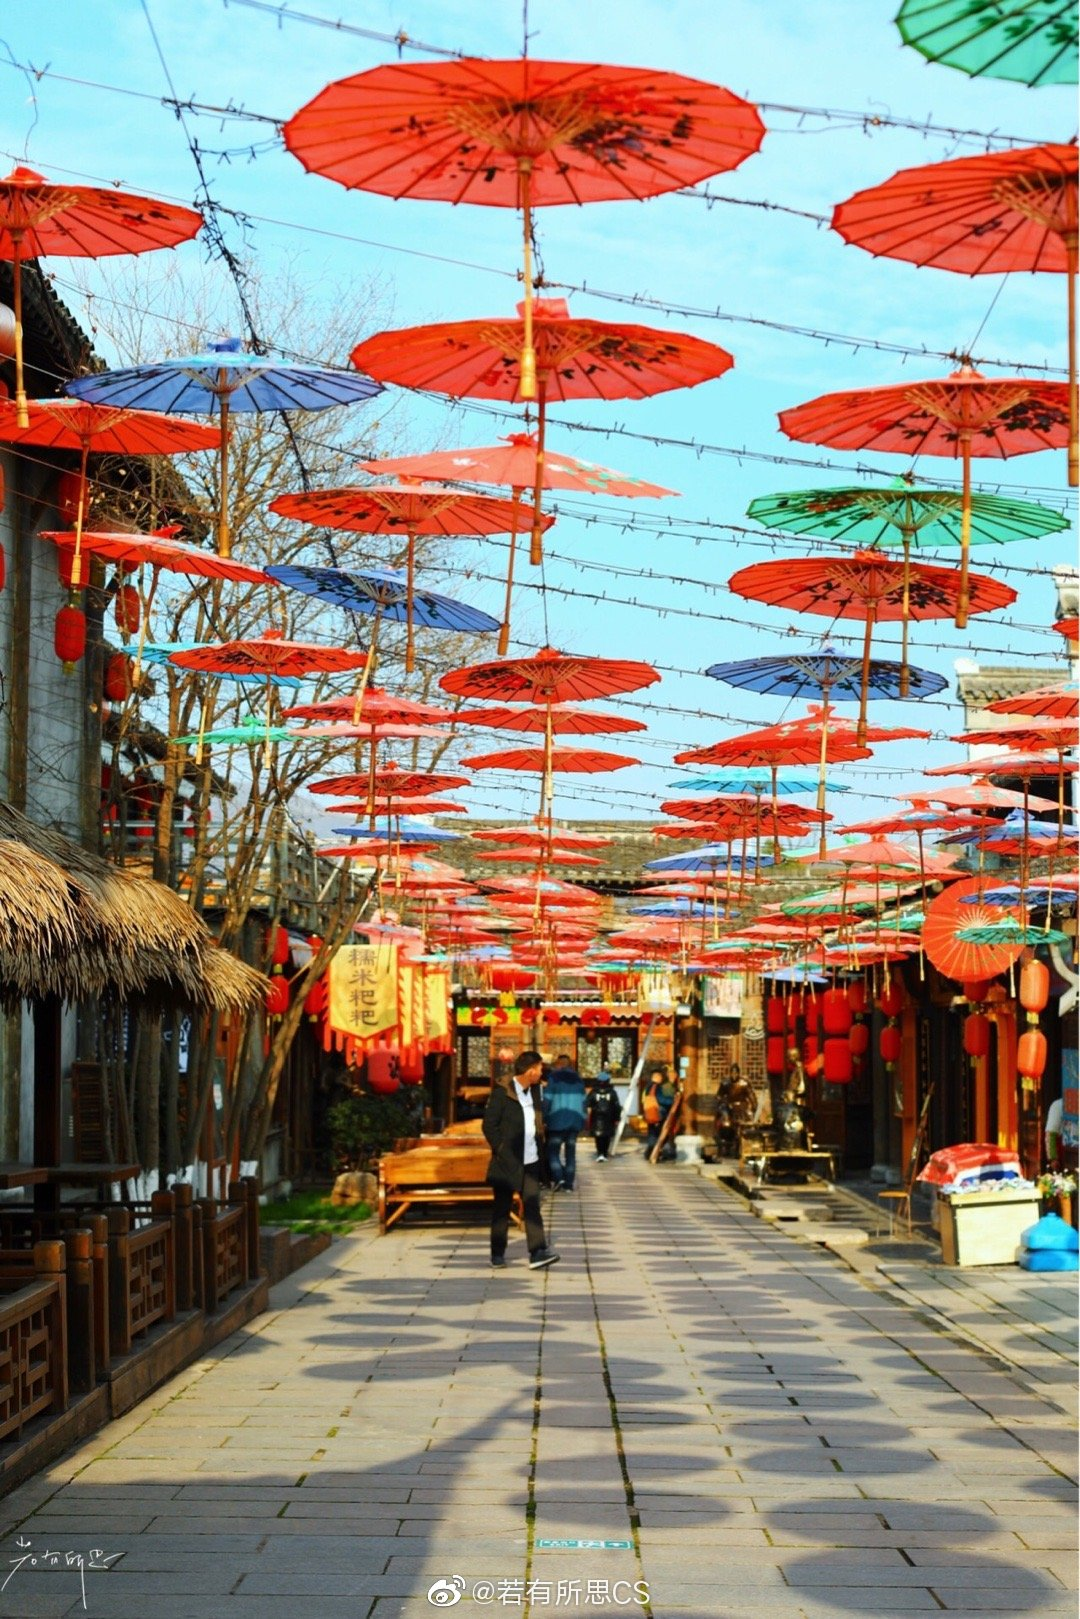 镇江句容,宝华山国家森林公园,千华古村,这里过年的气氛好浓郁